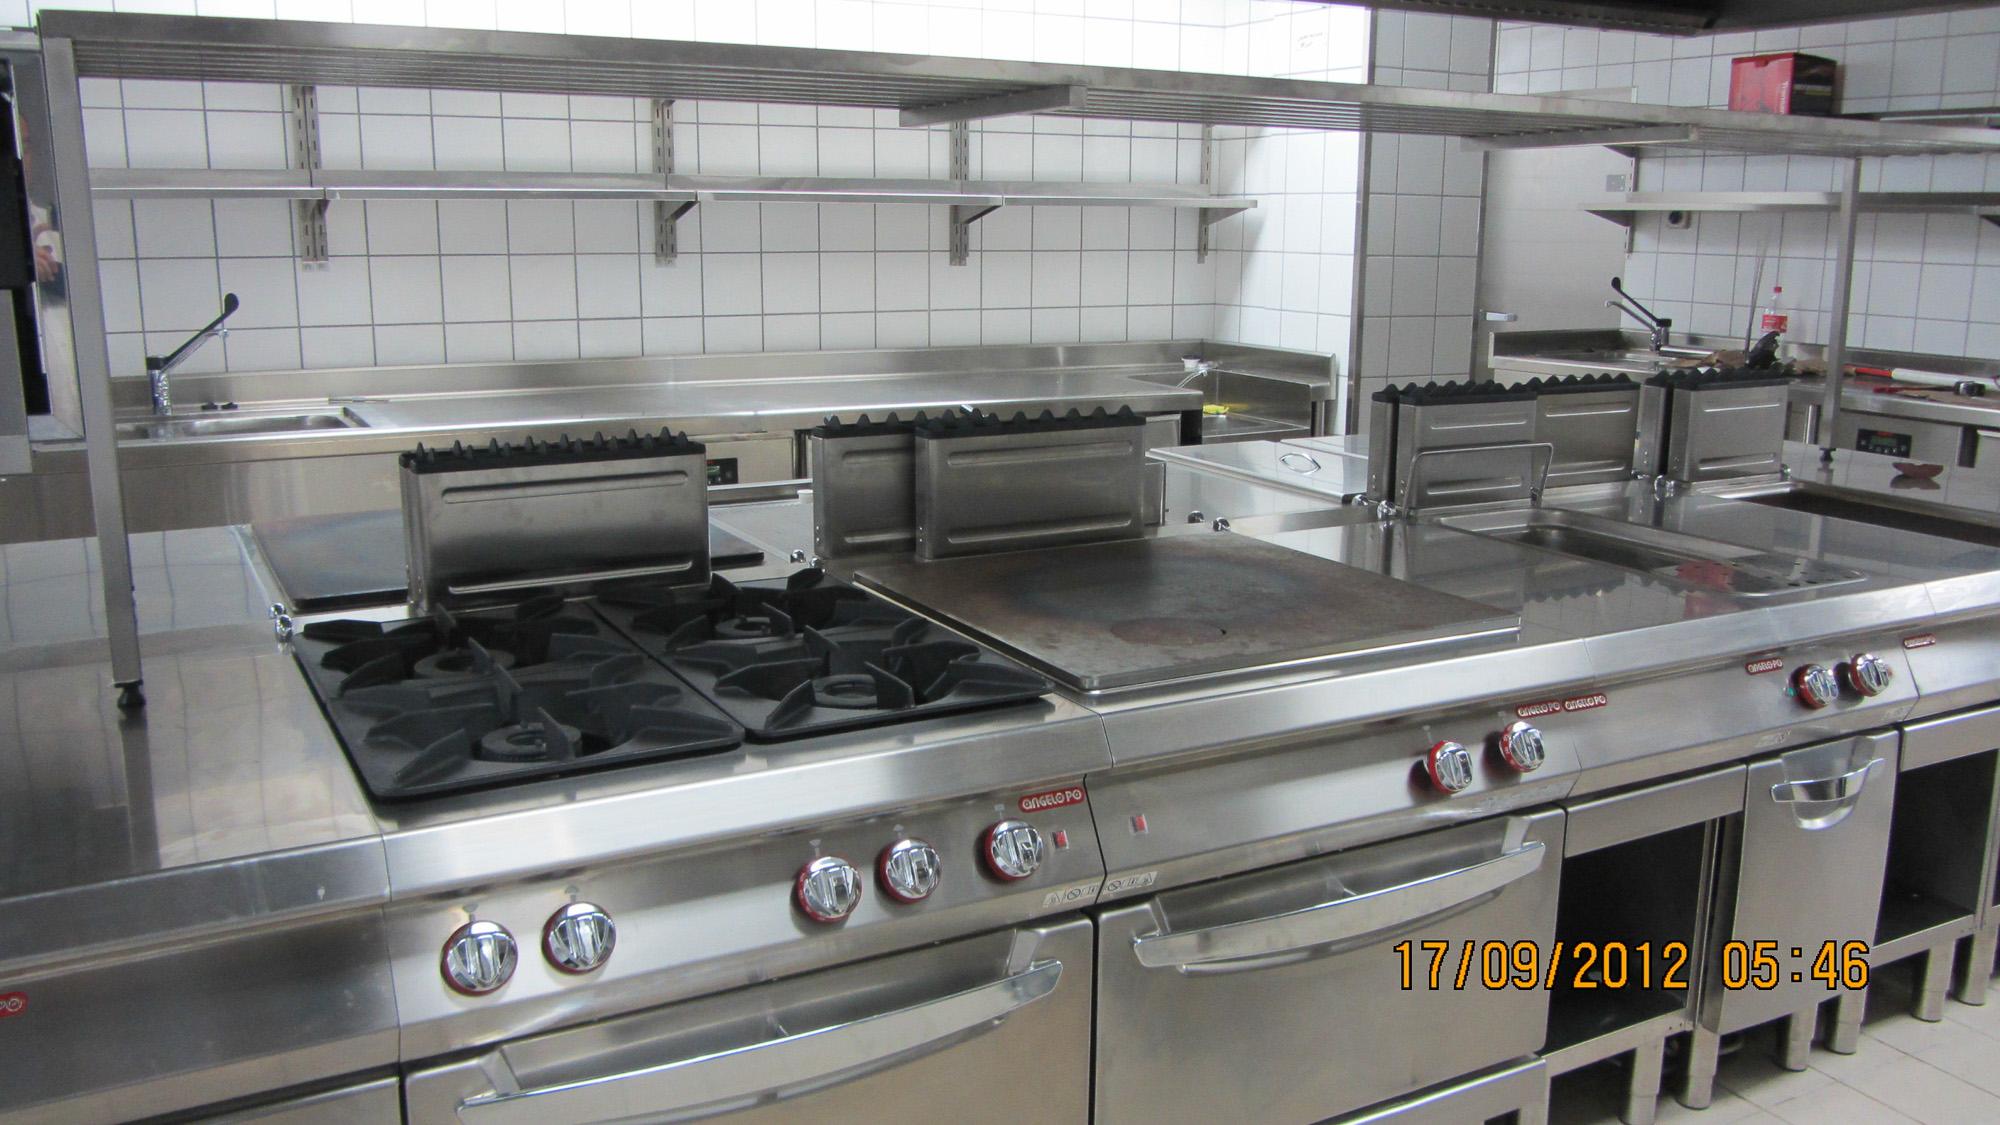 Italia_kitchen_-st.regis-4